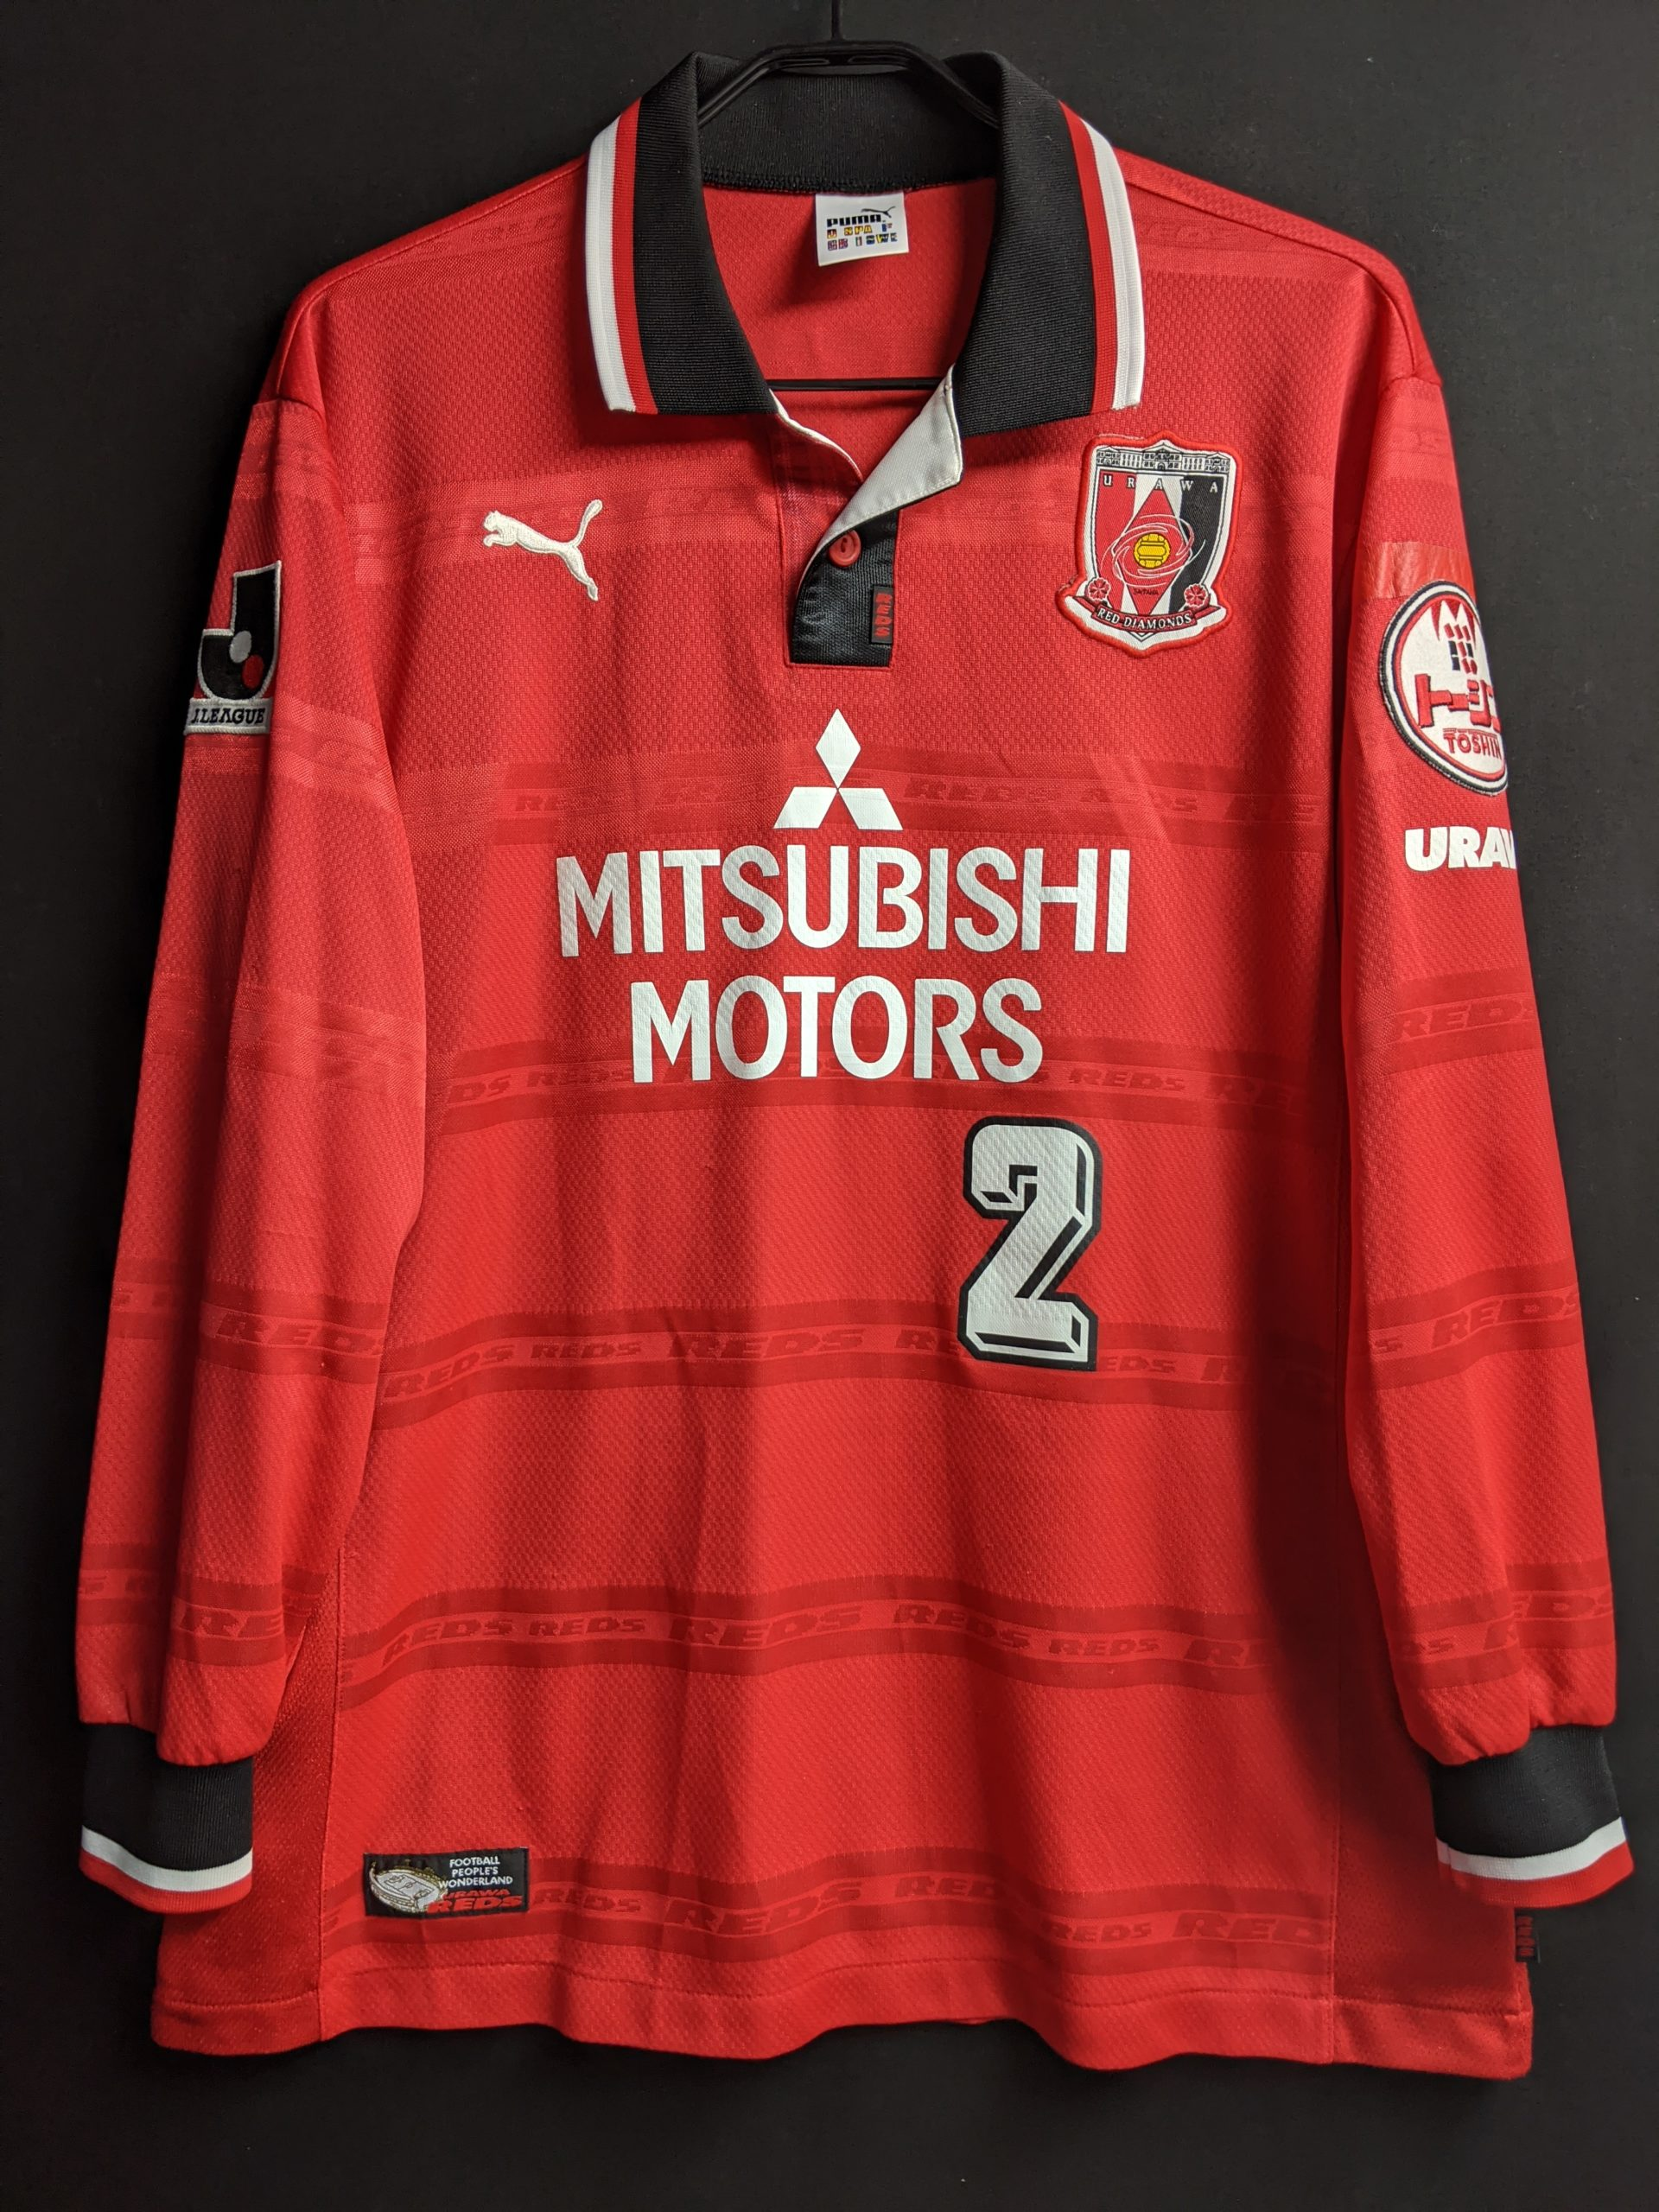 2001浦和レッズ国際親善試合用ユニフォーム